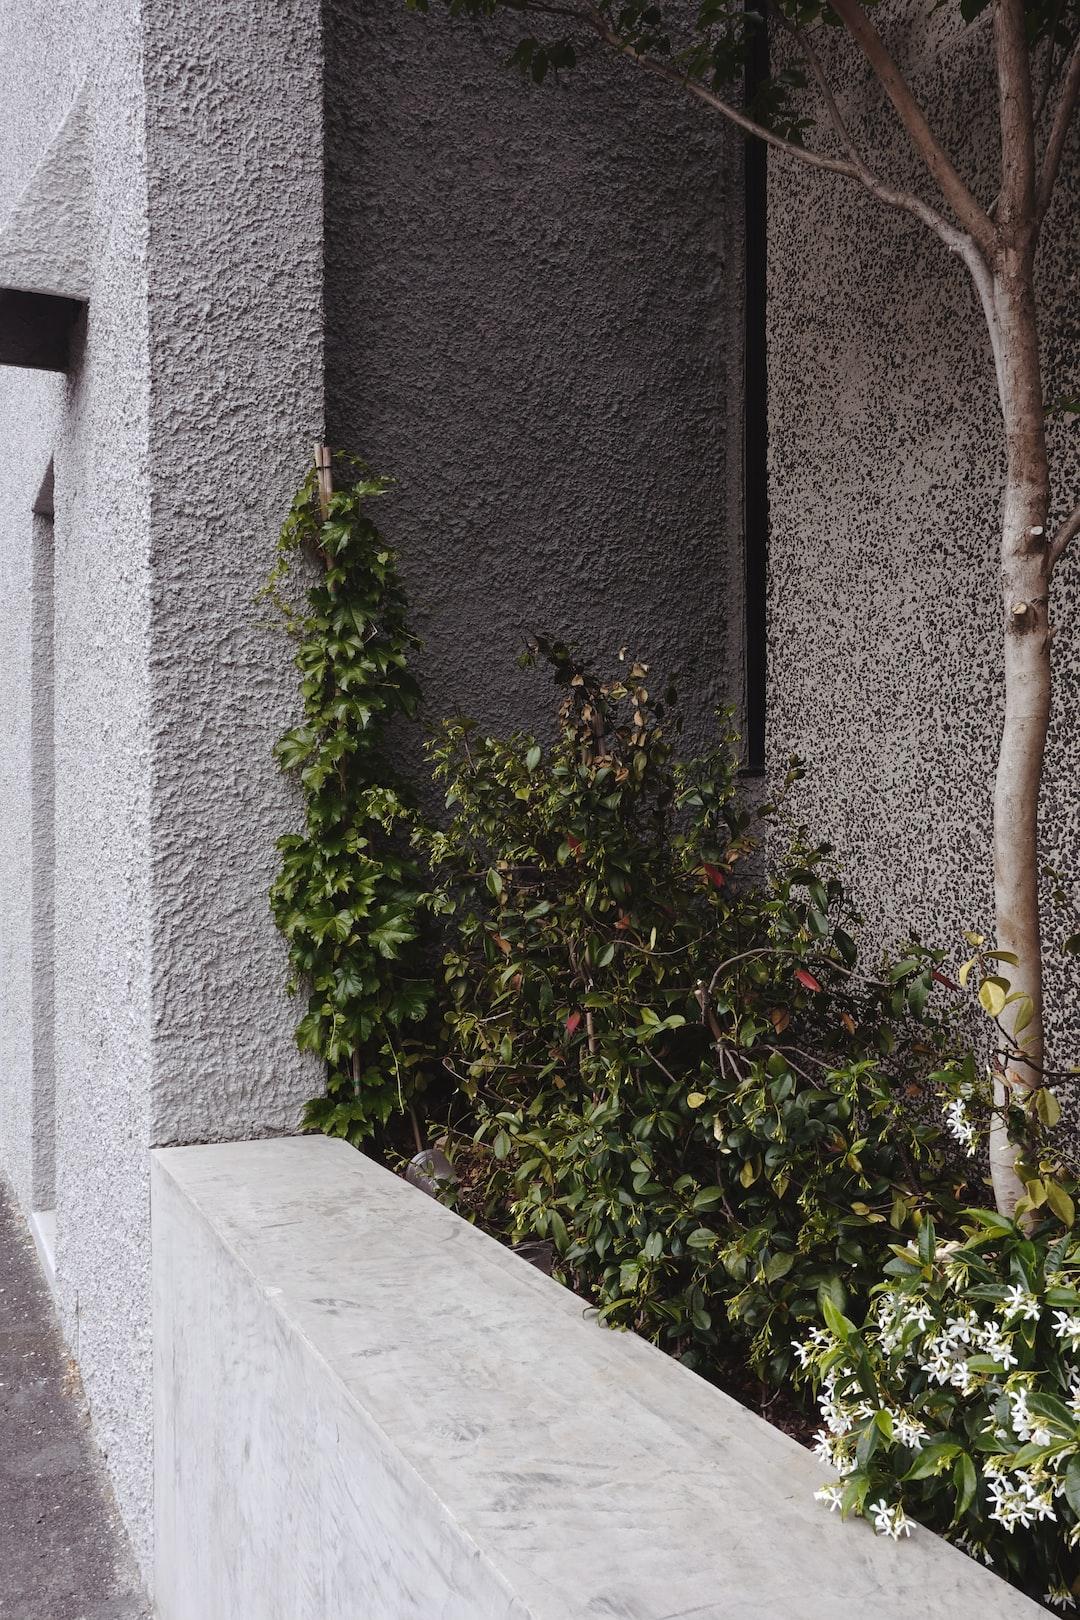 Plants & Concrete